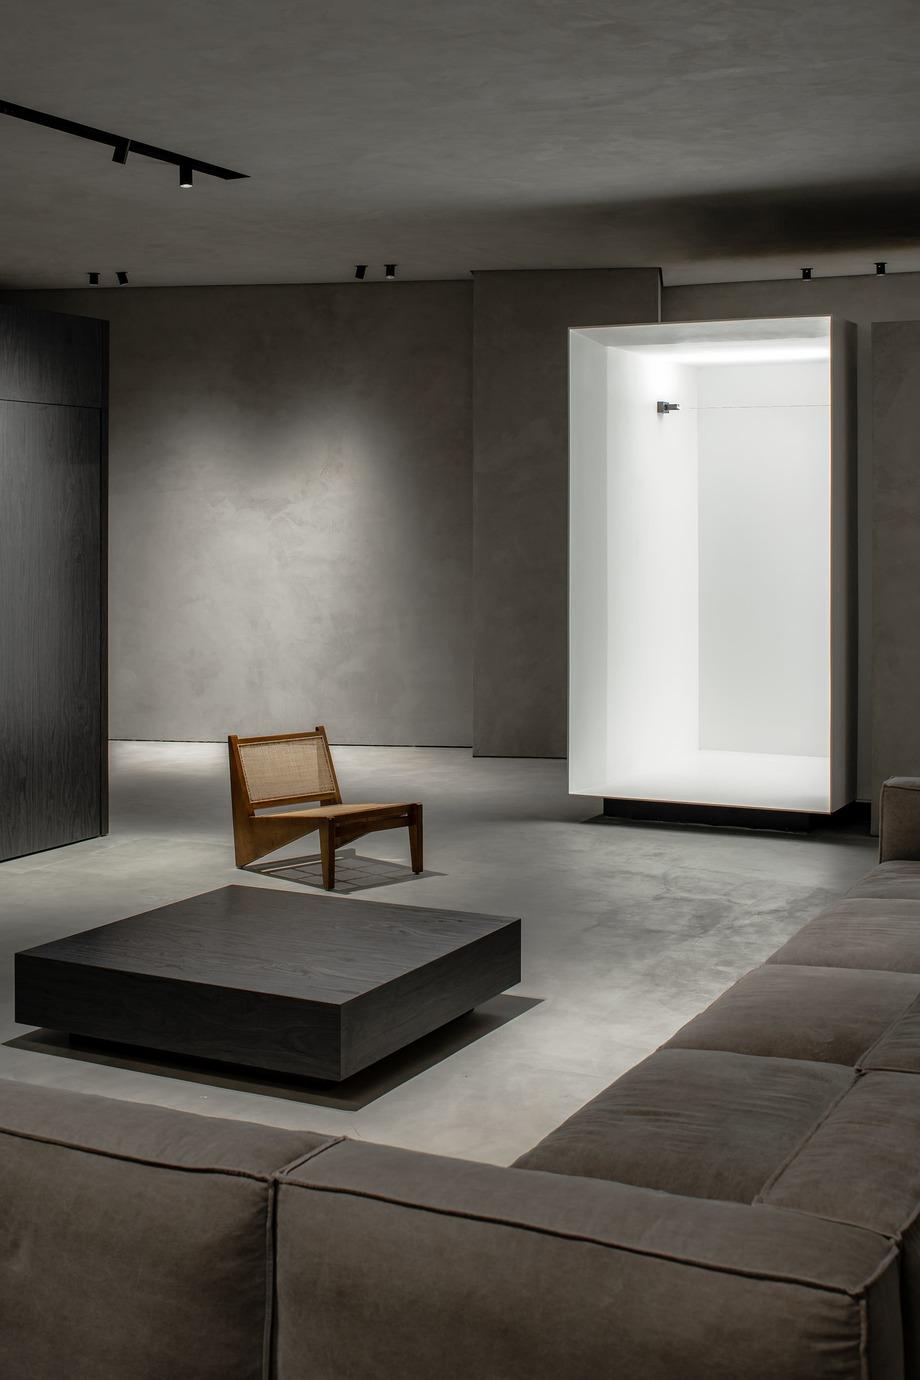 showroom de jst architecture (9) - foto he chuan